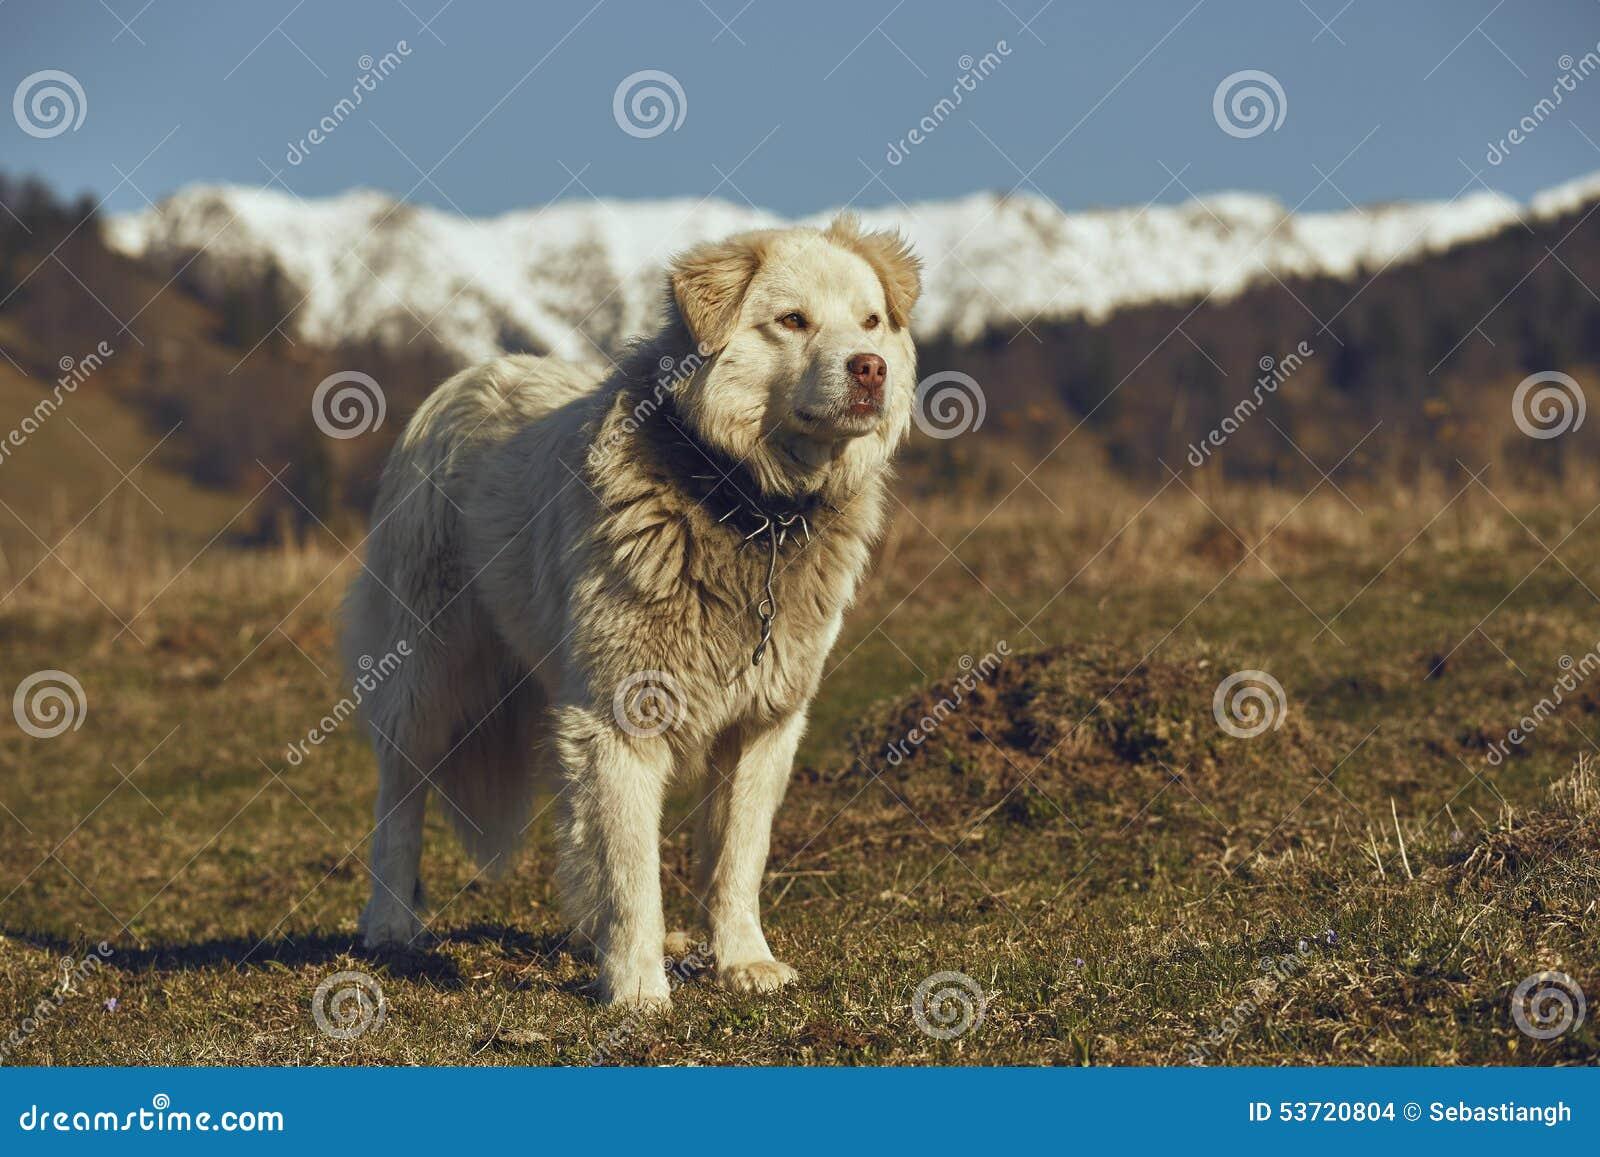 Cane pastore simile a pelliccia bianco vigilante